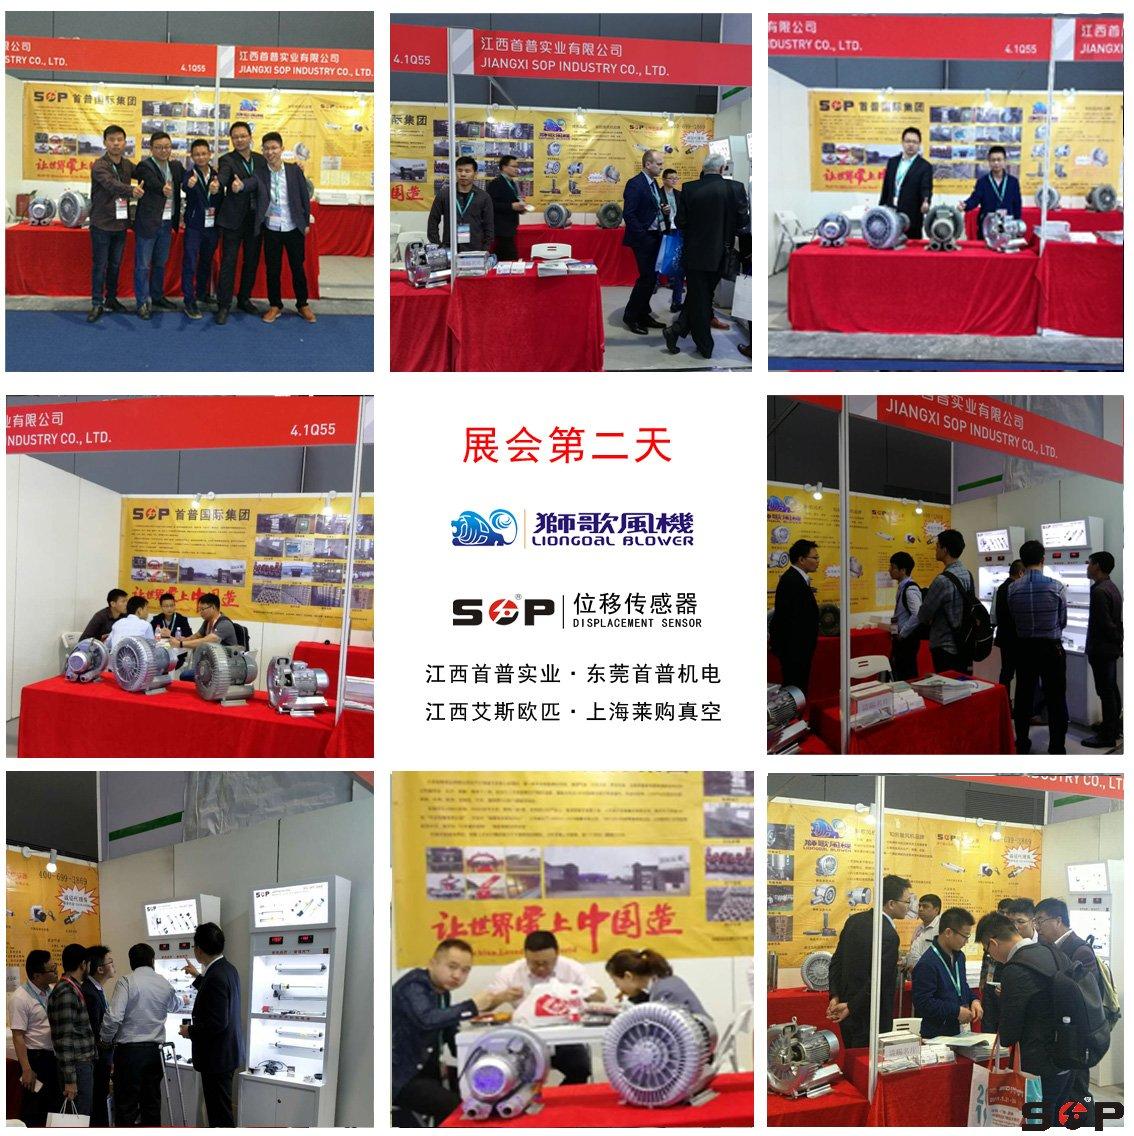 上海国际橡塑展第二天